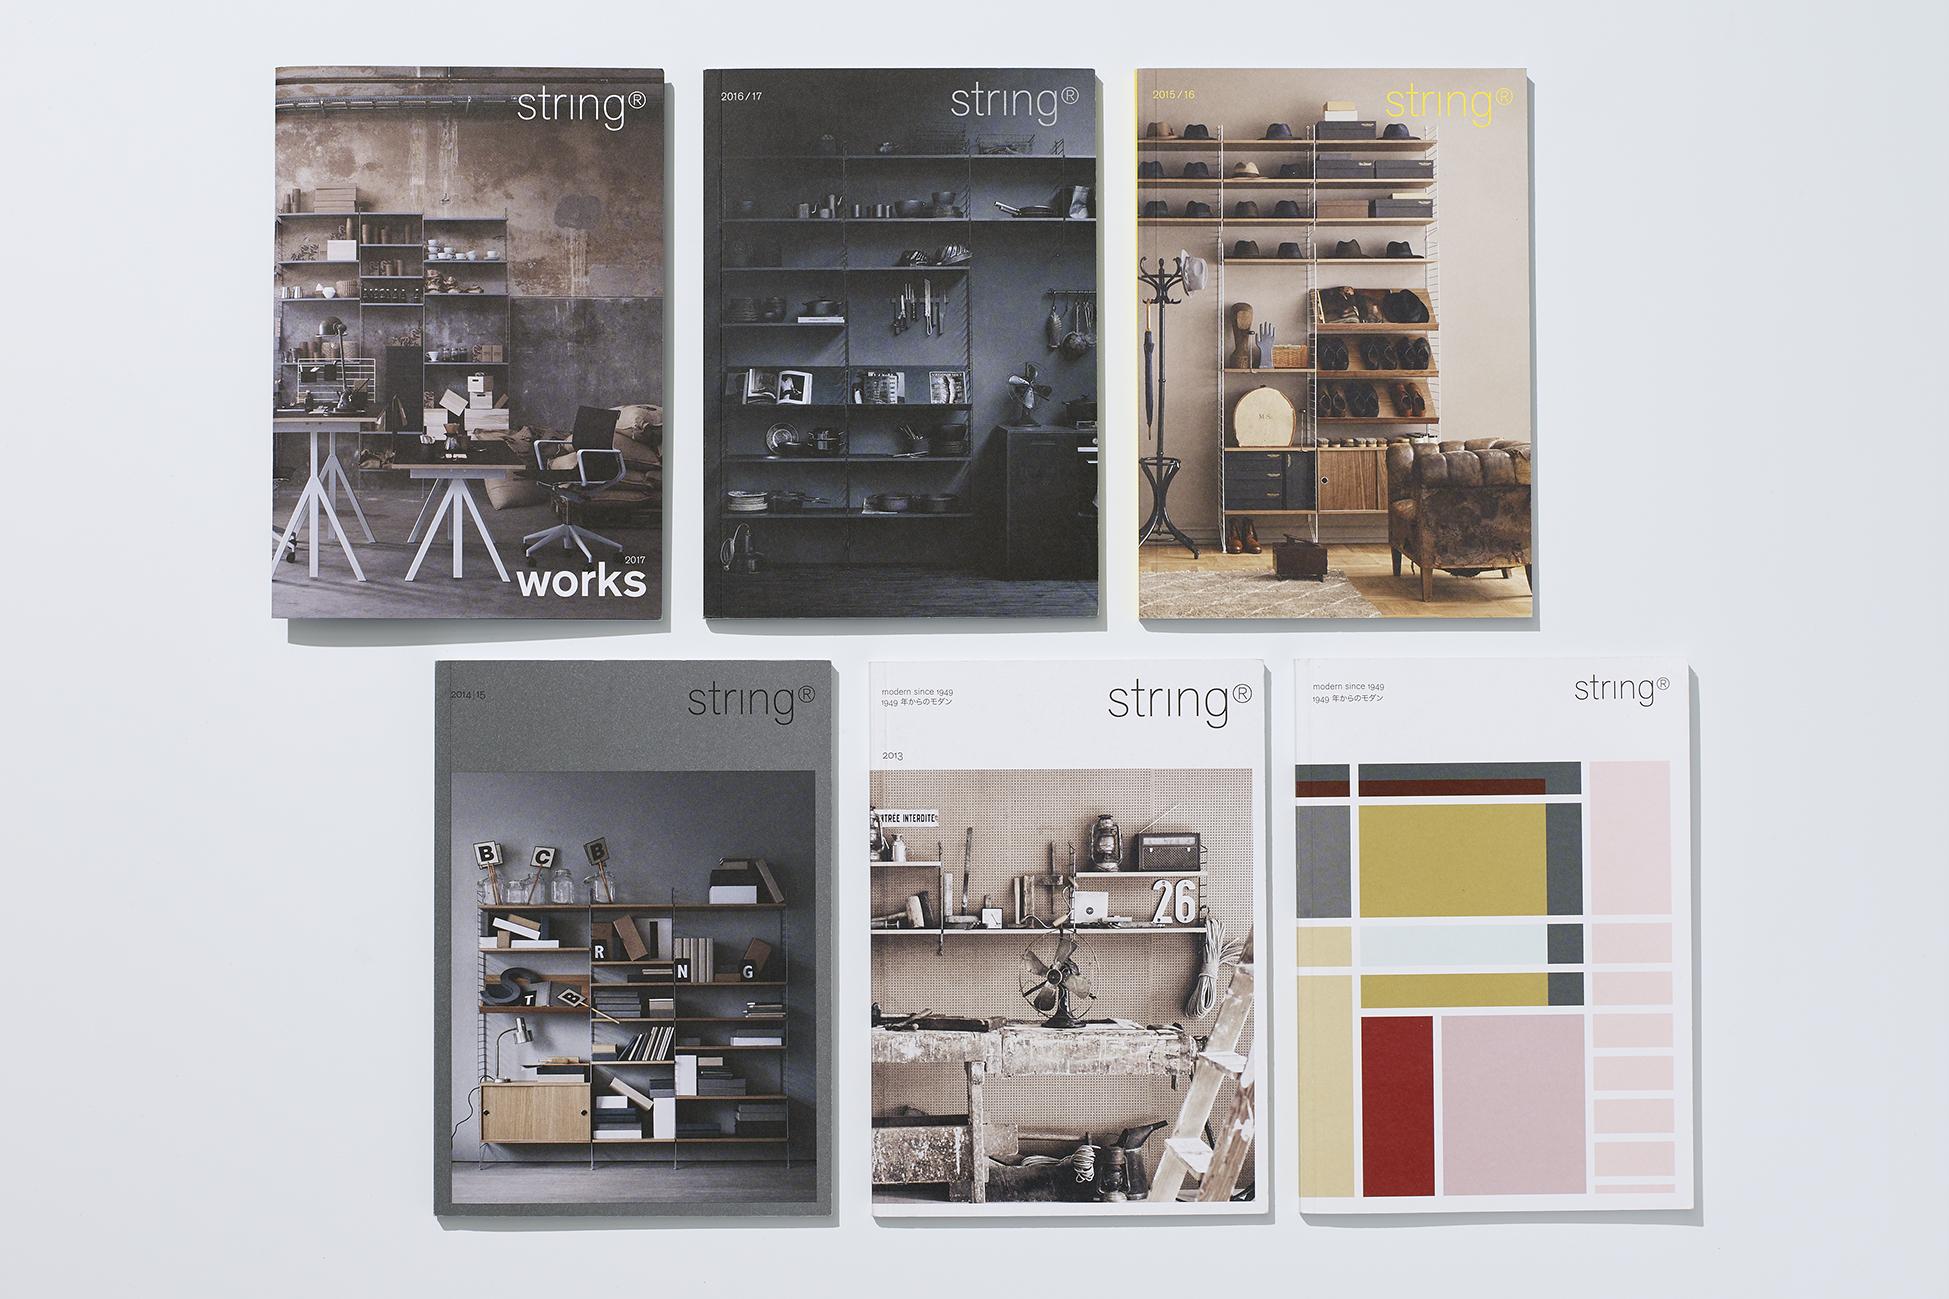 ÖPPET String Catalogs